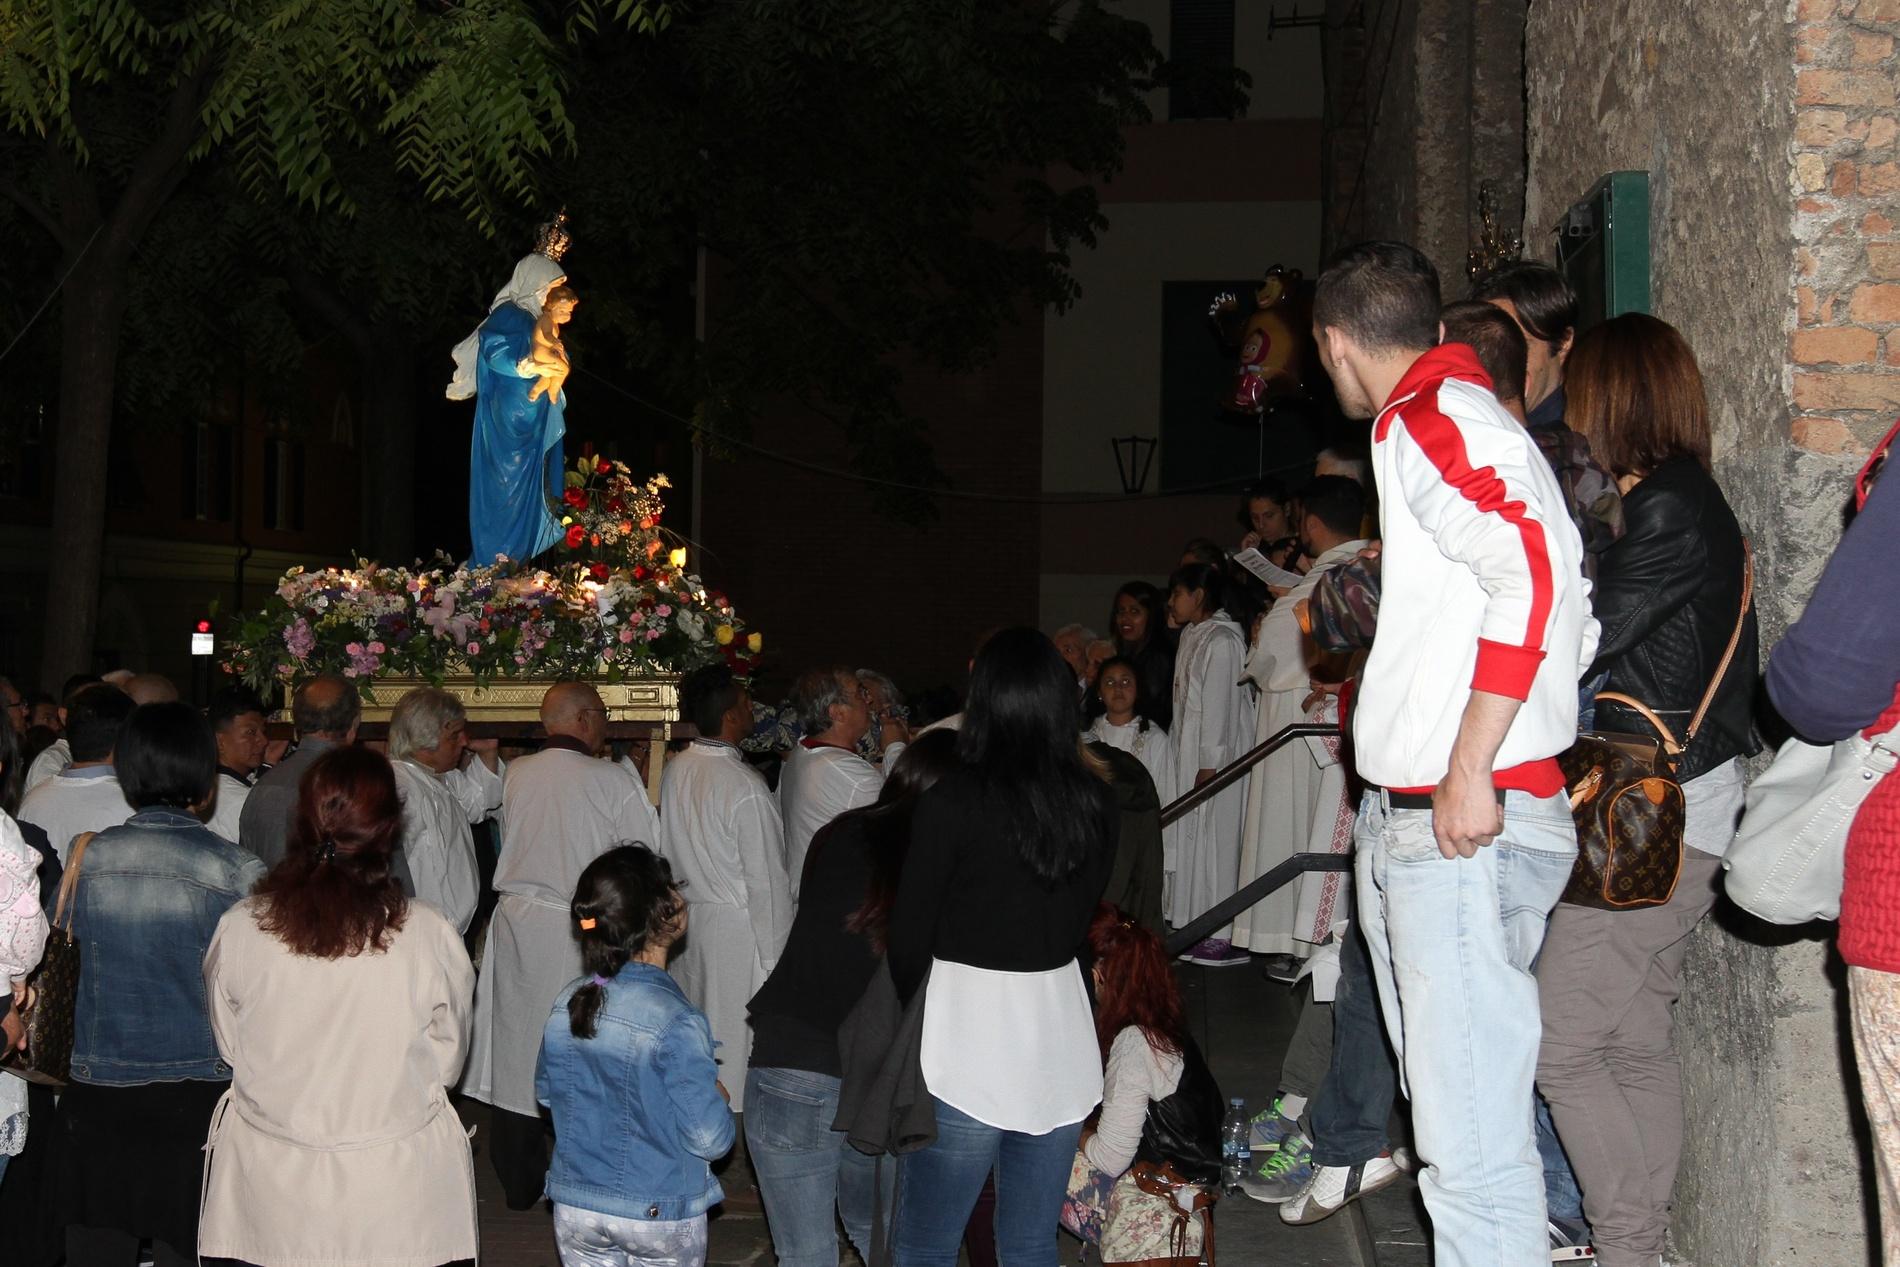 processione-madonna-2015-05-31-21-43-03